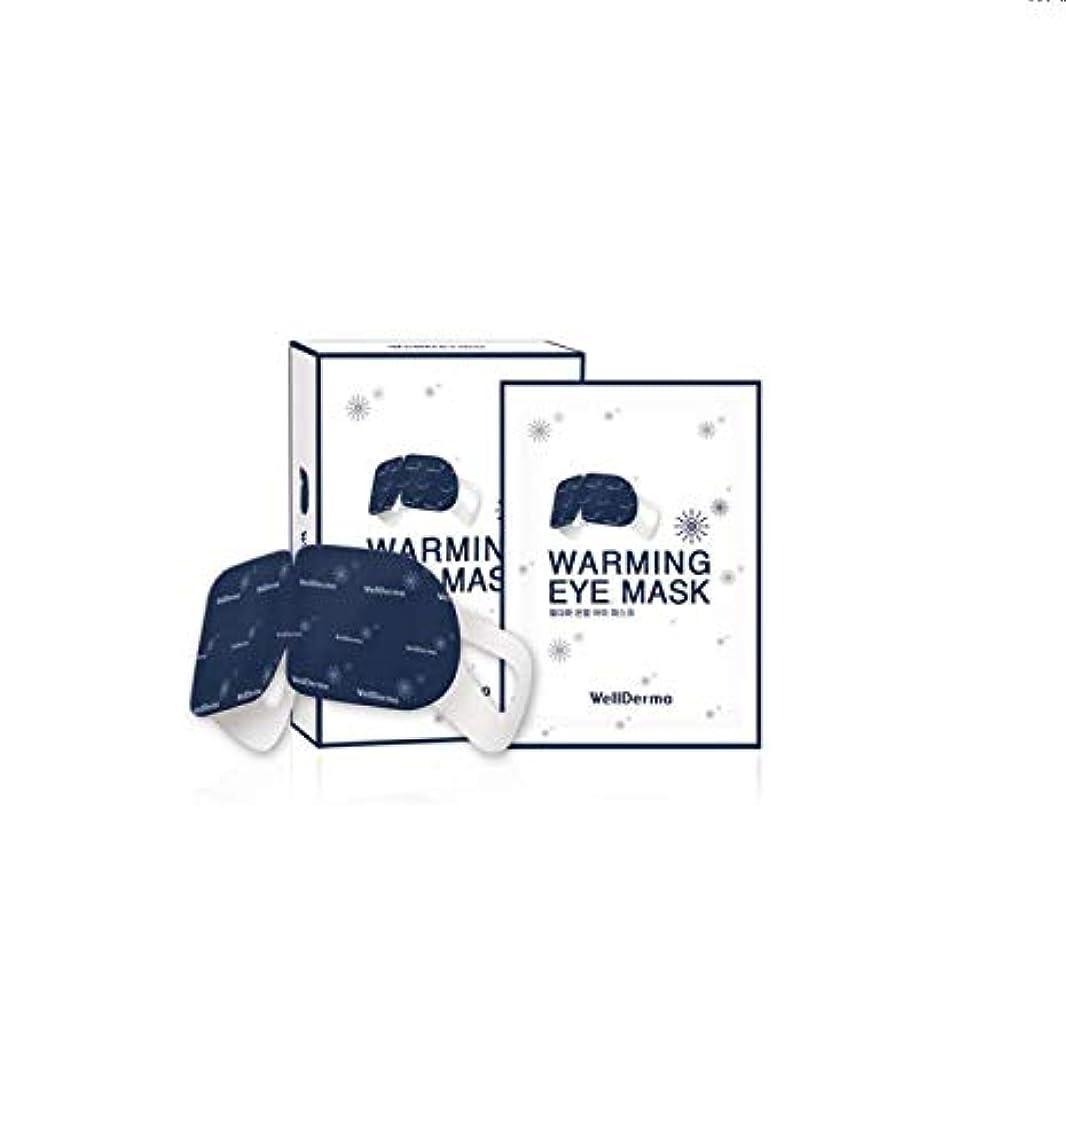 レンダリング角度意欲Wellderma (ウェルダーマ) ウォーミング アイ マスク パック/Warming Eye Mask 1pack(10sheets) [並行輸入品]